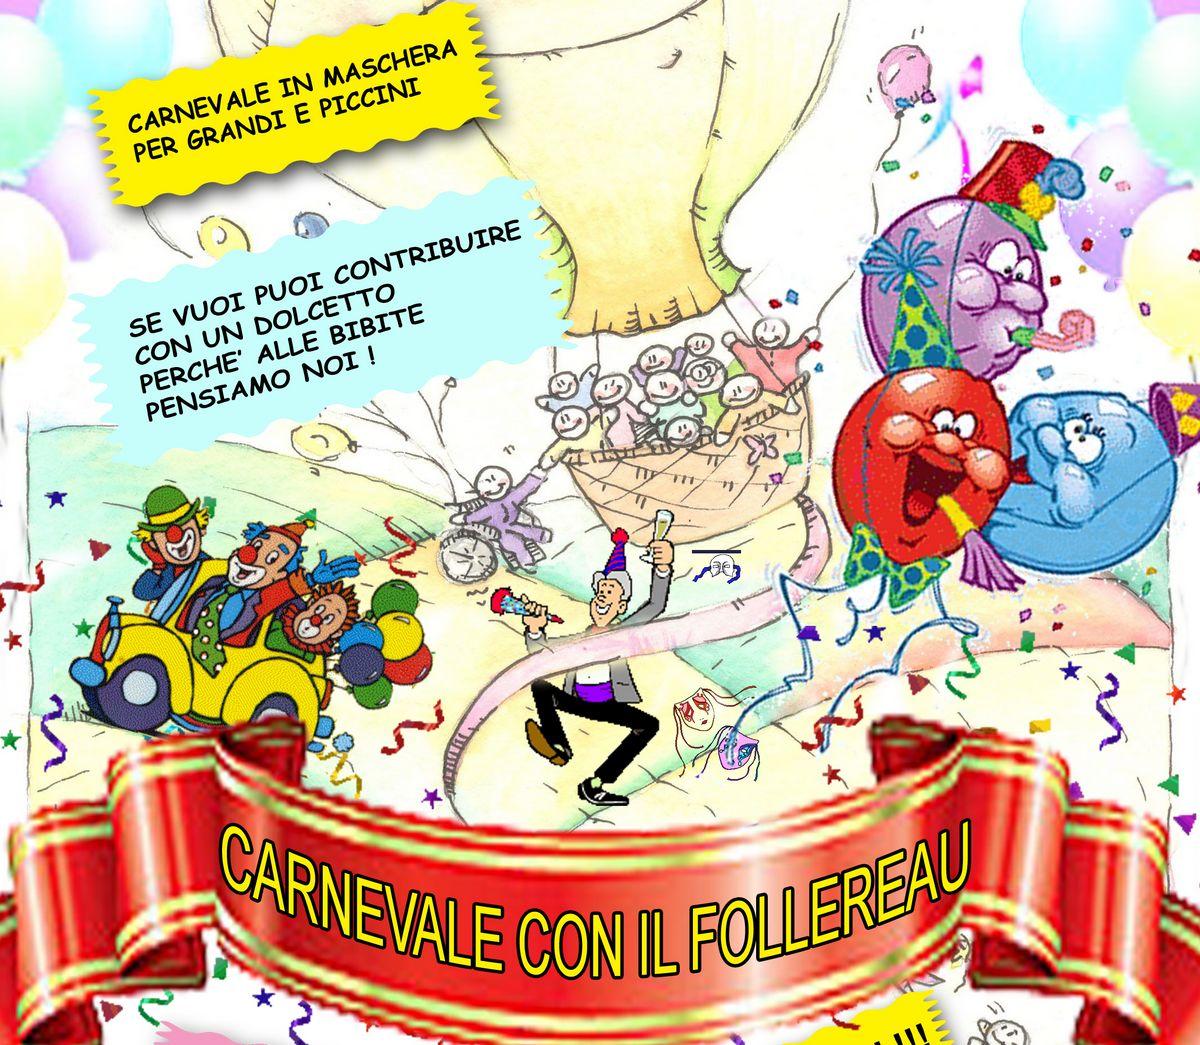 Il Carnevale del Follereau e quello Castellano